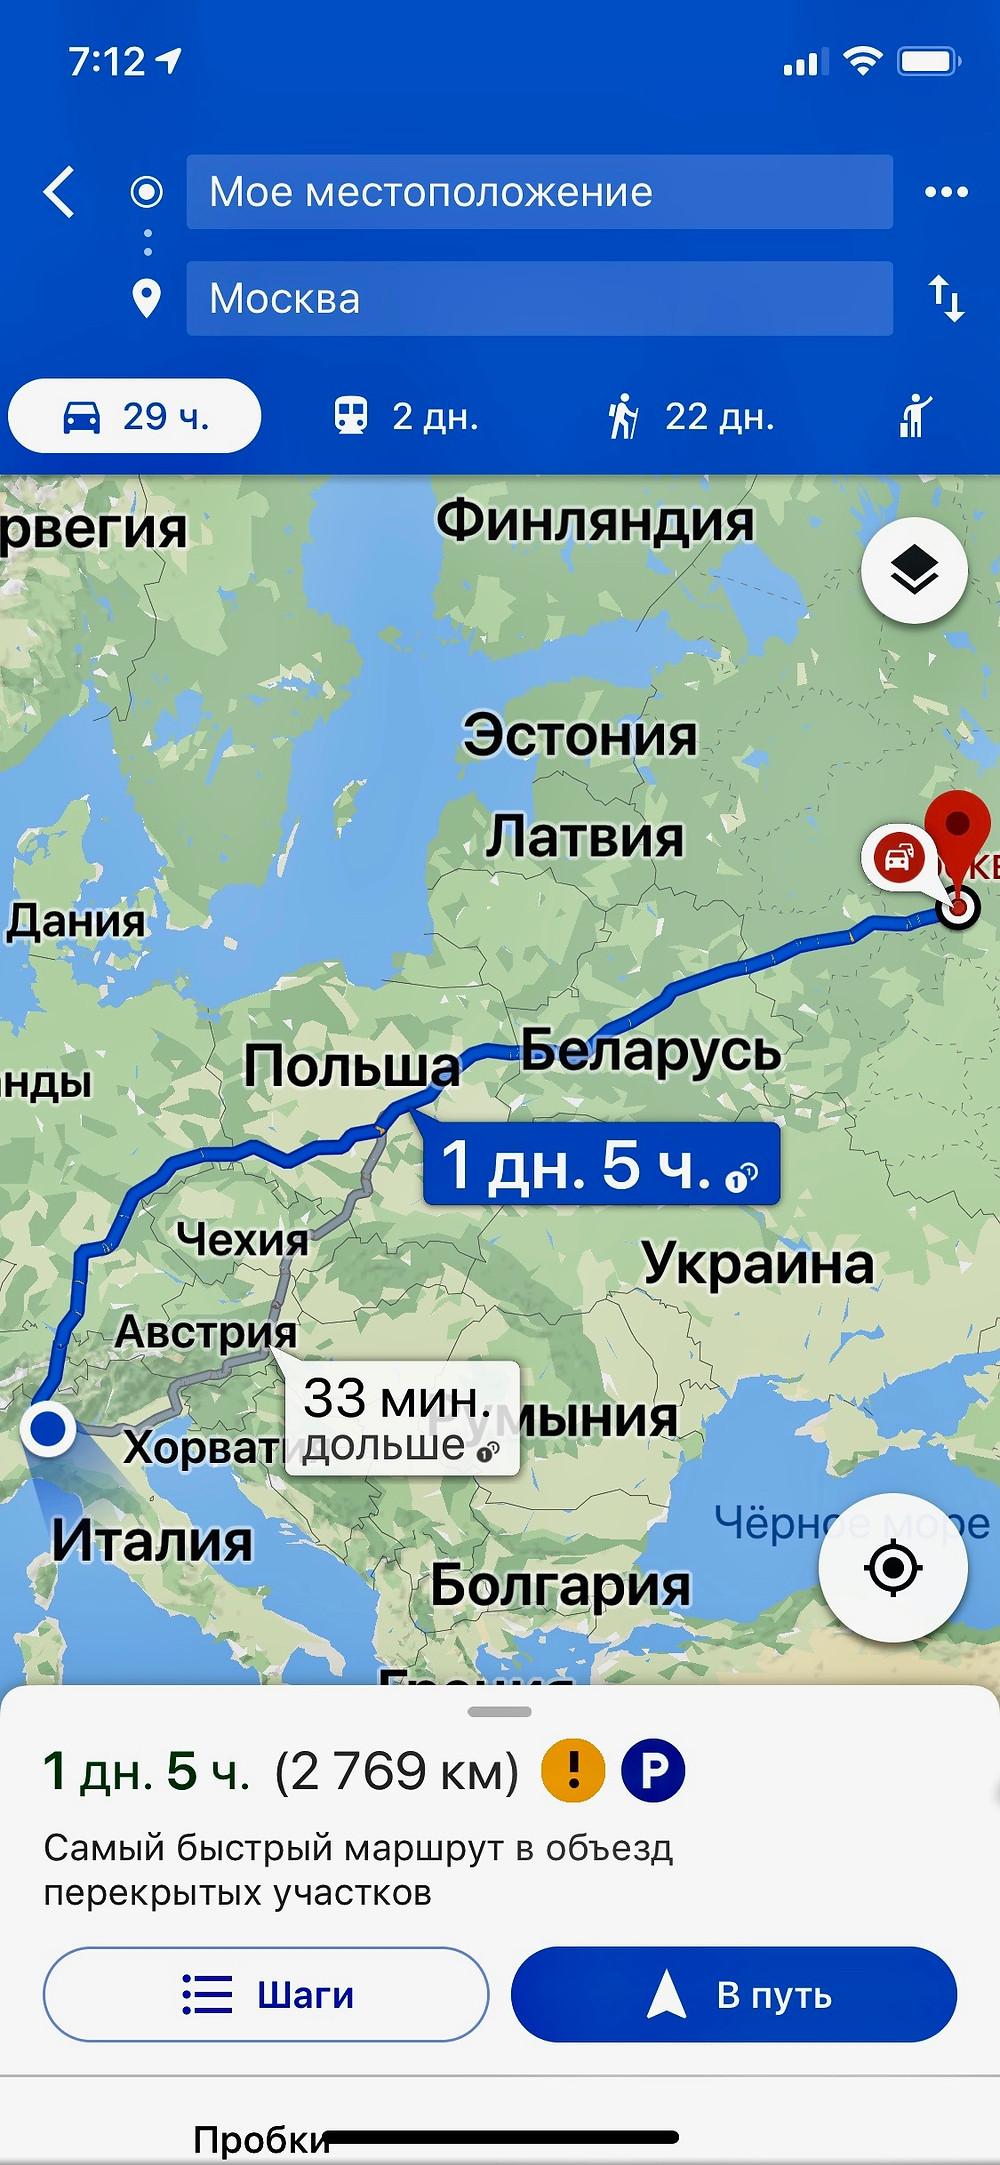 Автопробег Милан - Москва. Жить в Италии. Авто в Италии